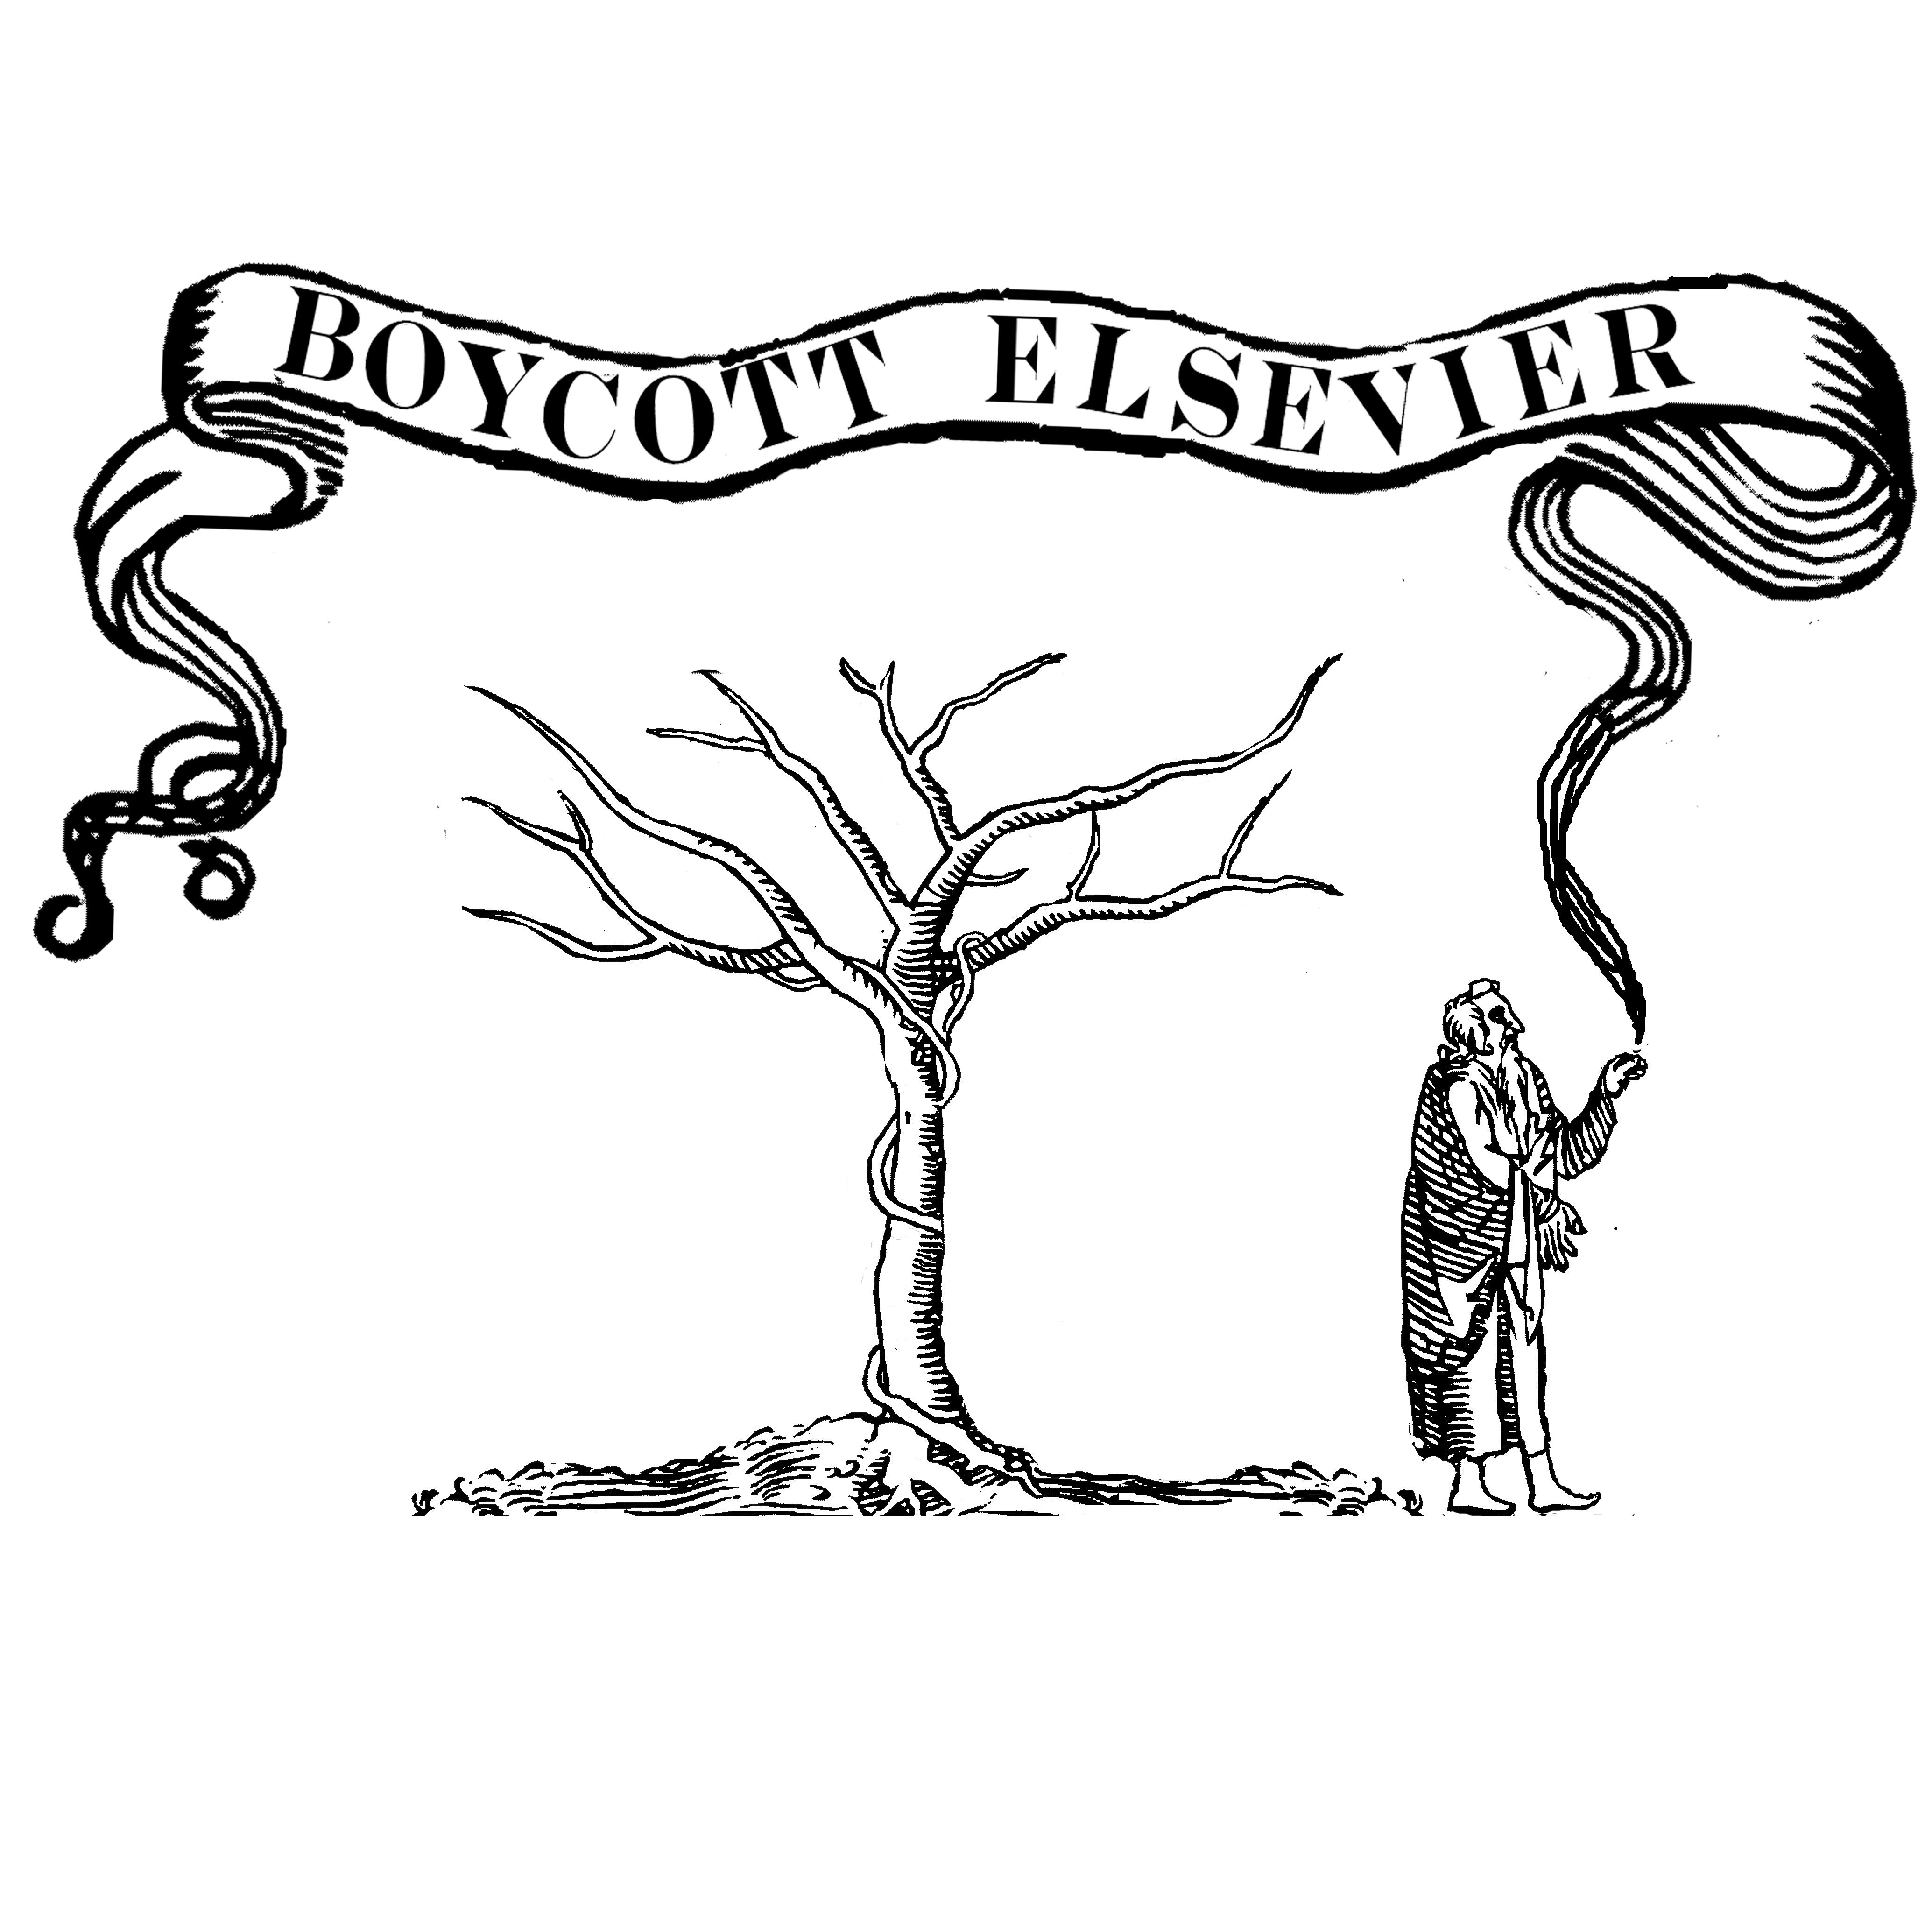 Protocole d'accord Elsevier : vers le maintien de la rente et la confirmation d'un contrôle hégémonique des données de la recherche